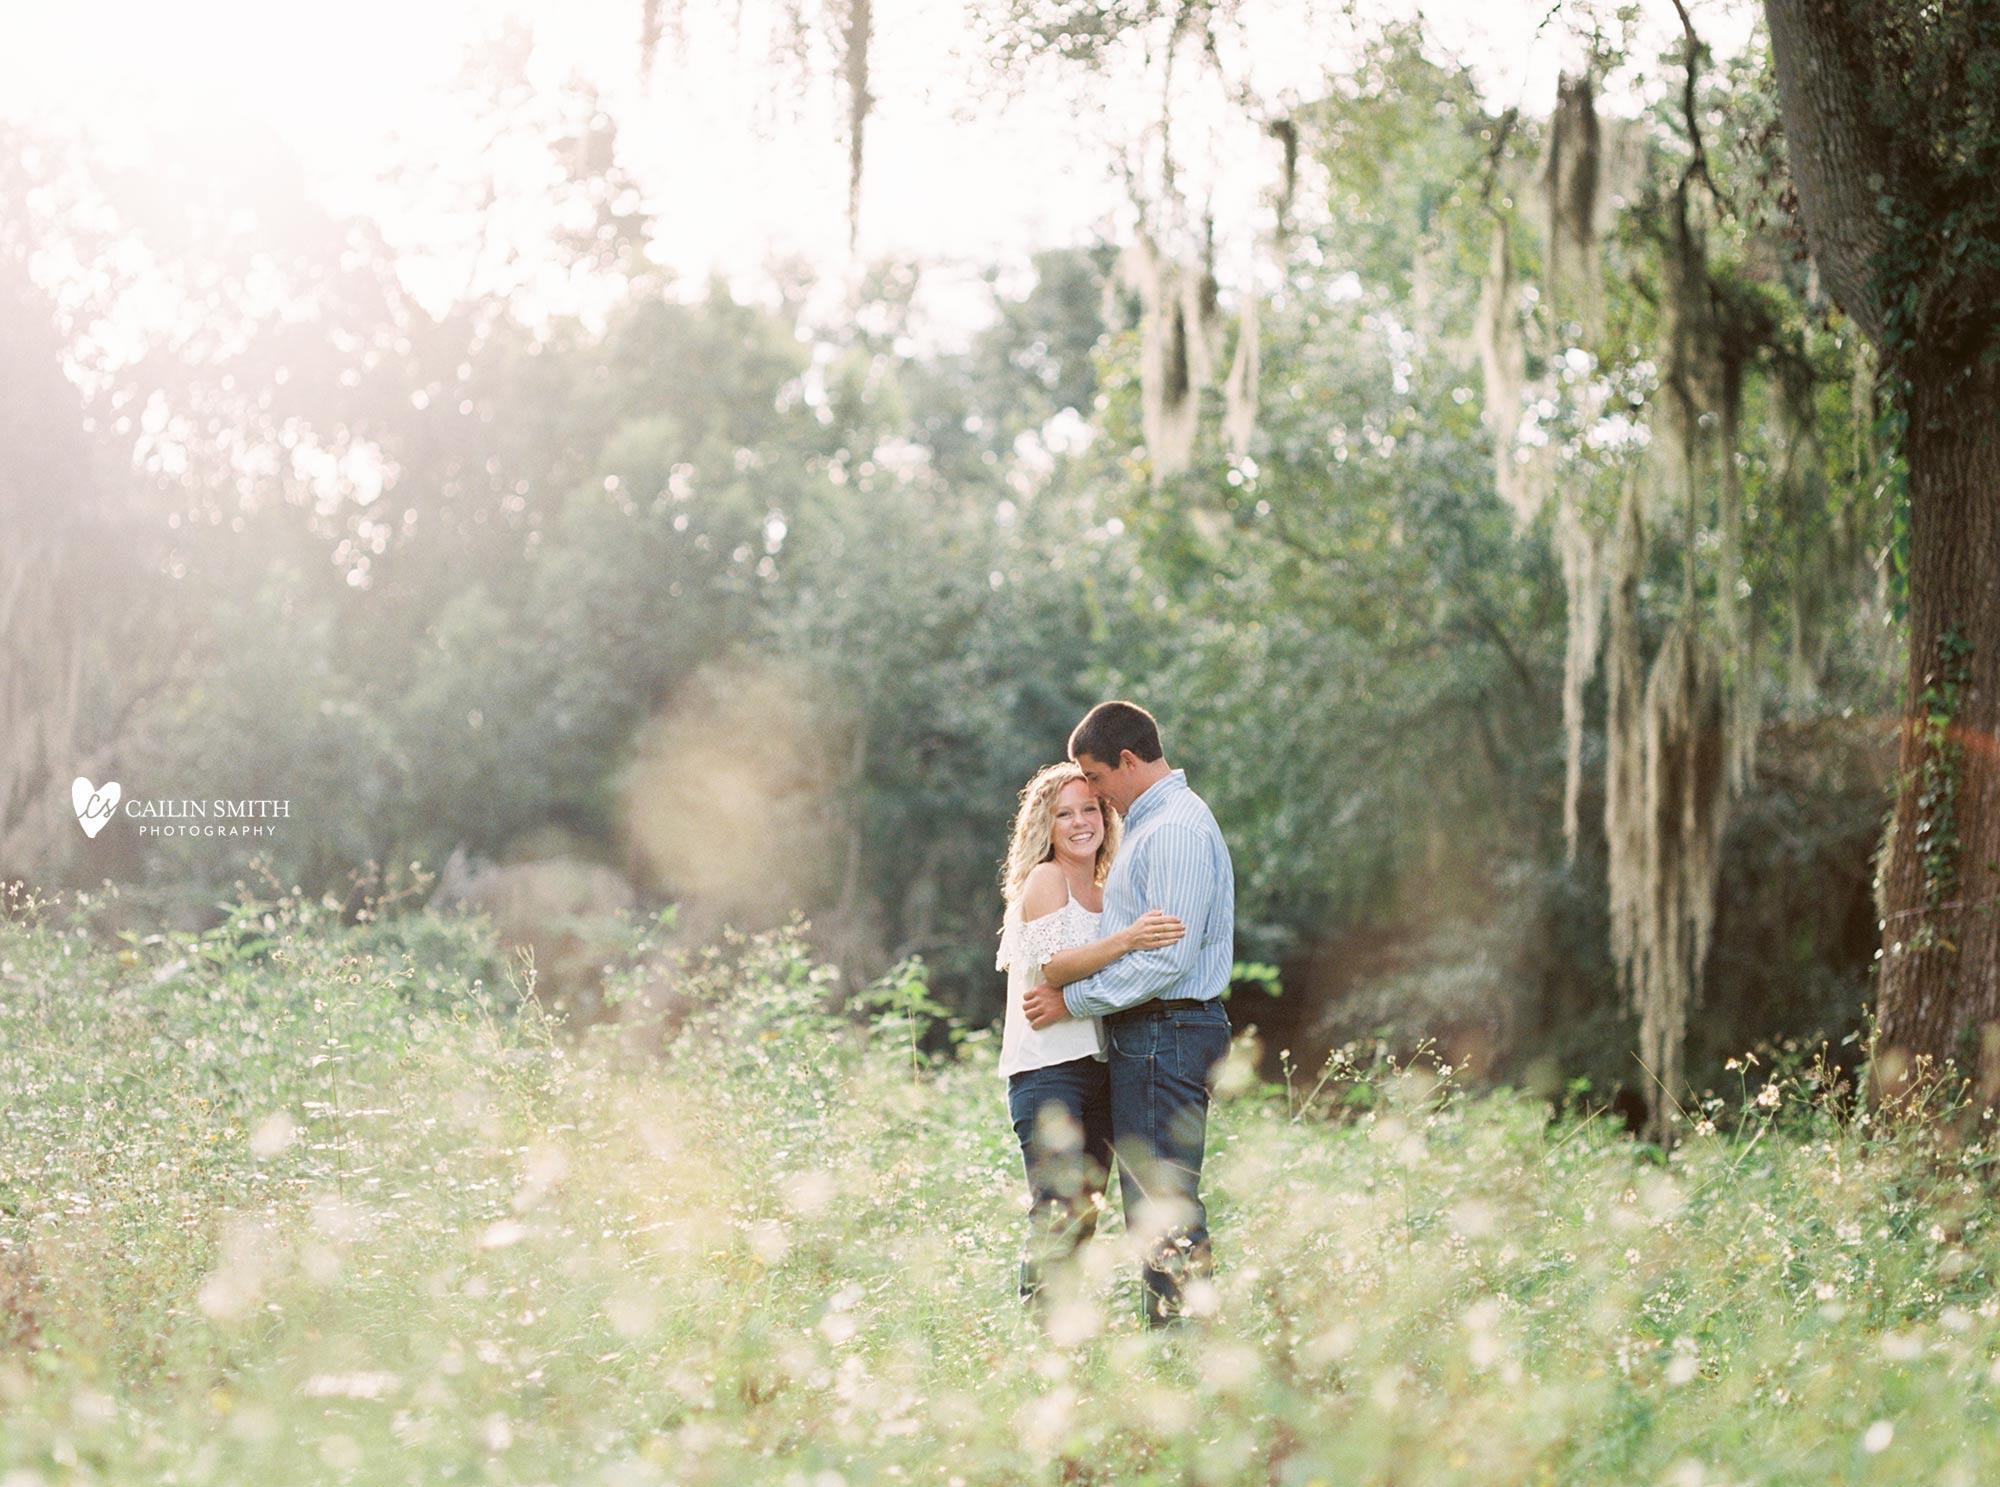 Leah_Major_Saint_Mary's_Engagement_Photography_016.jpg